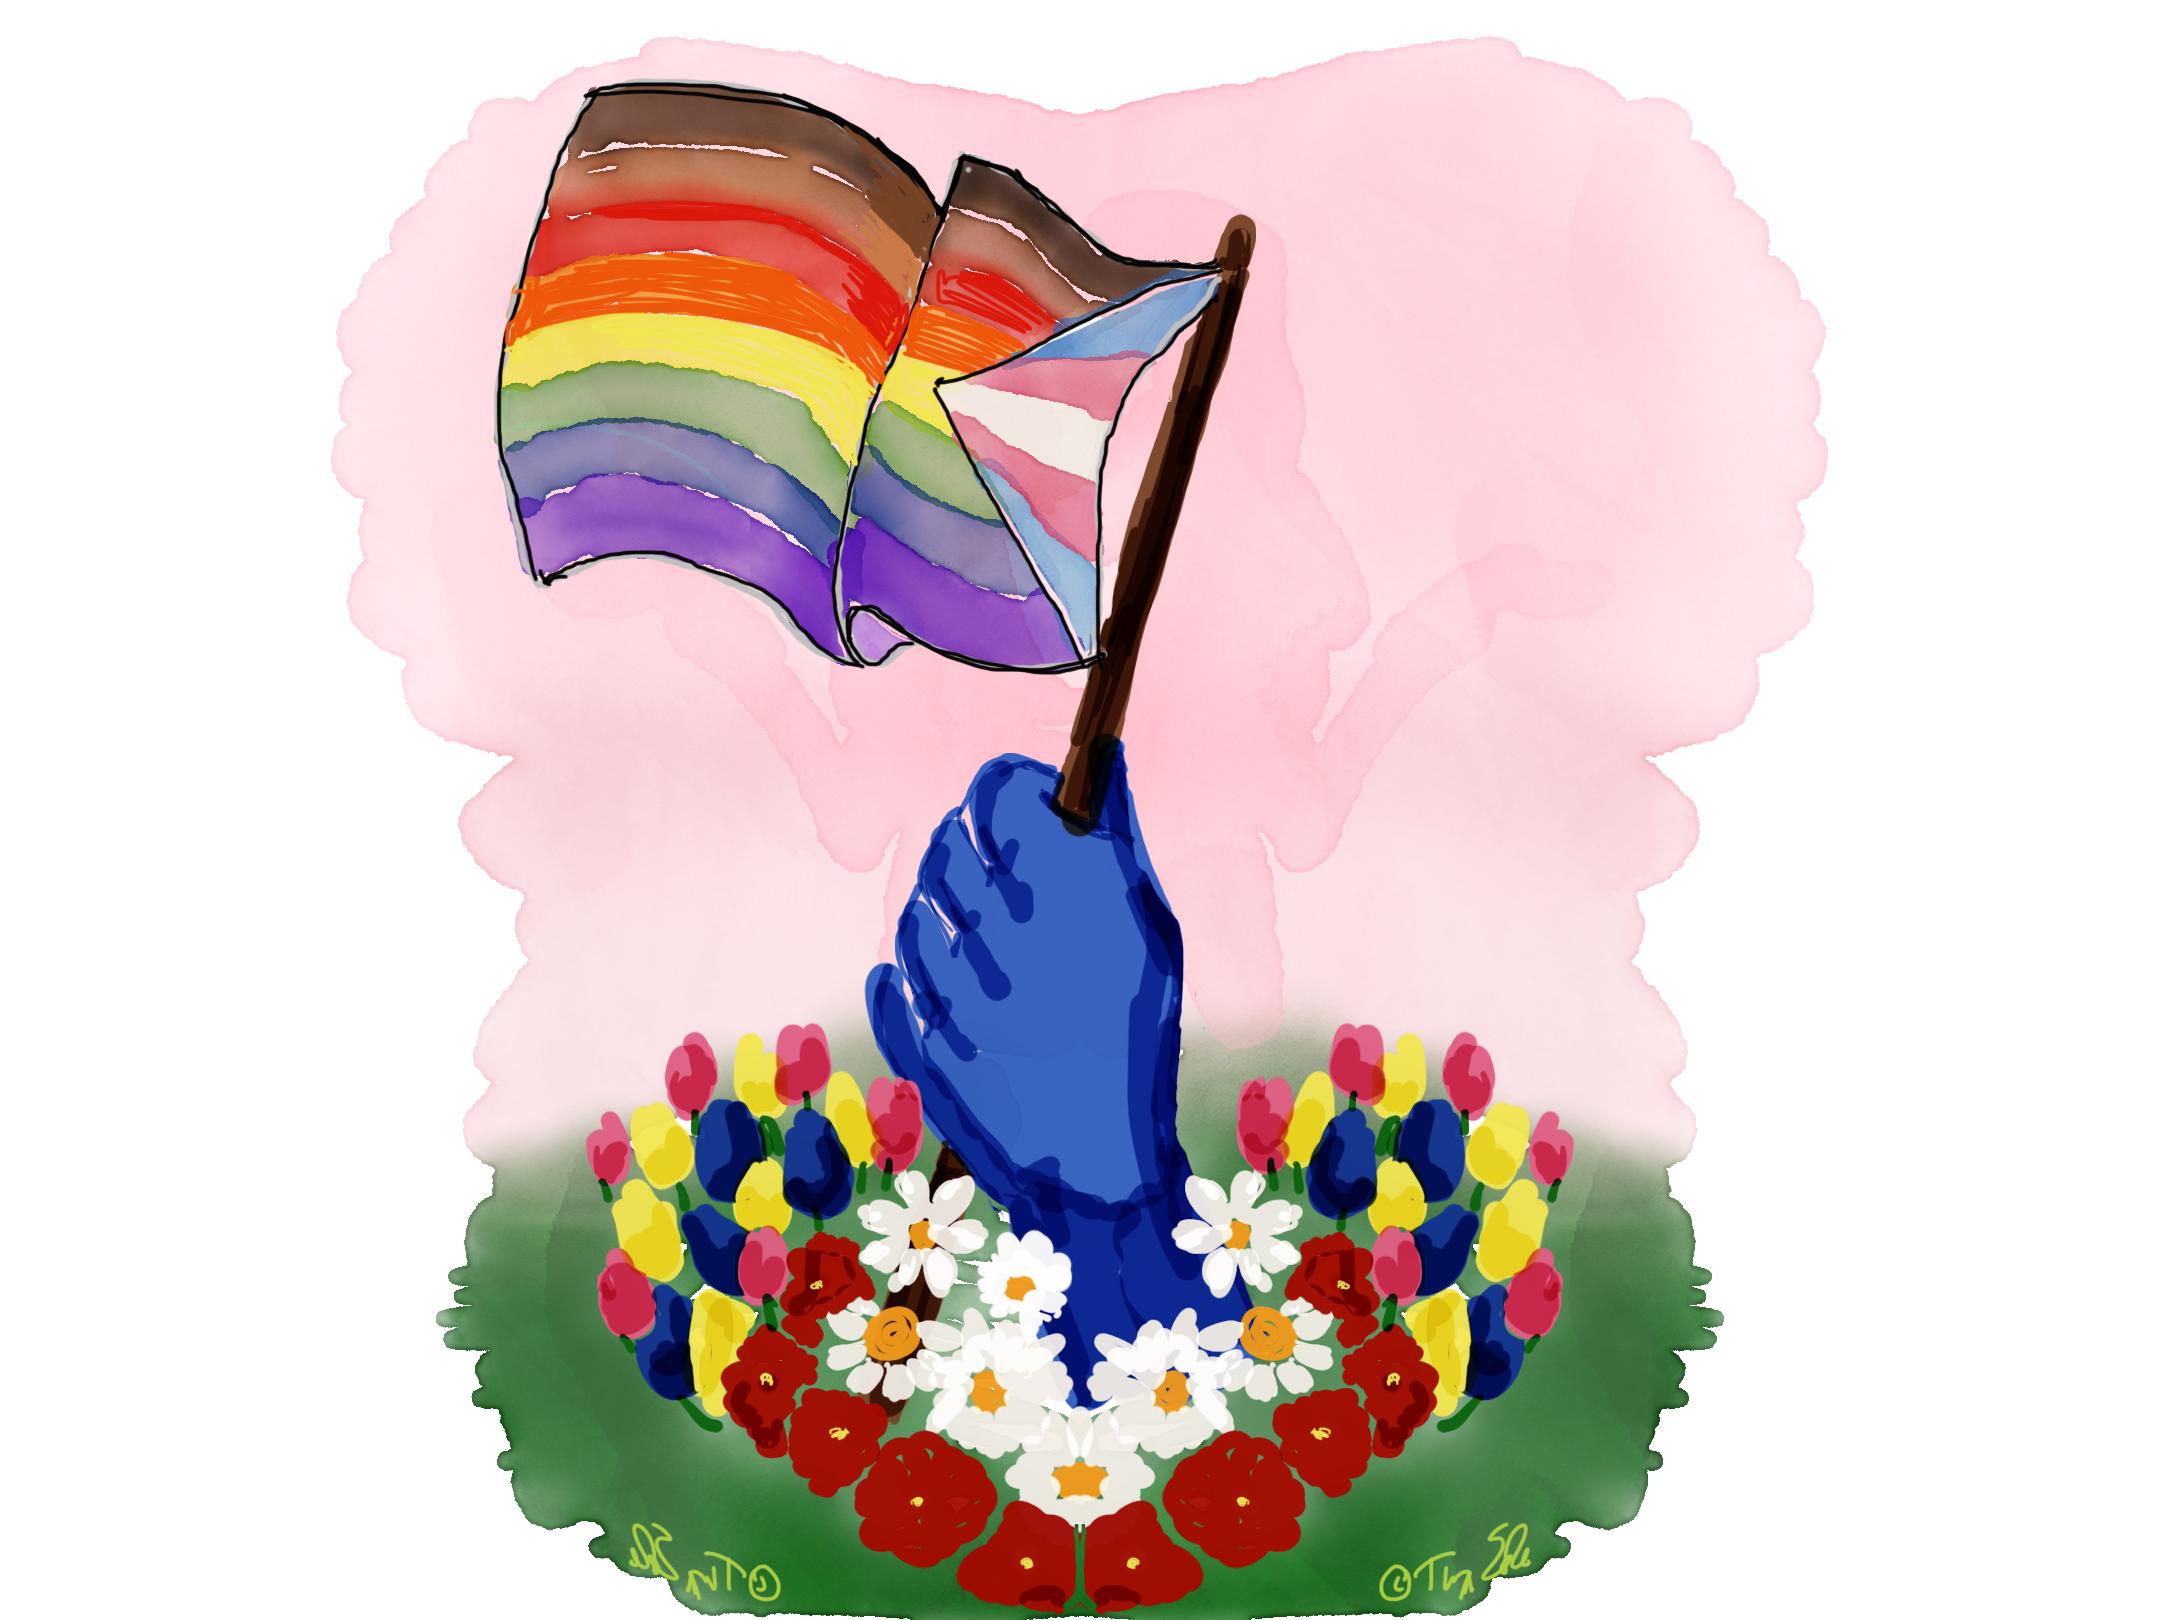 Stonewallin henki elää vahvana taistelussa ihmisoikeuksien puolesta